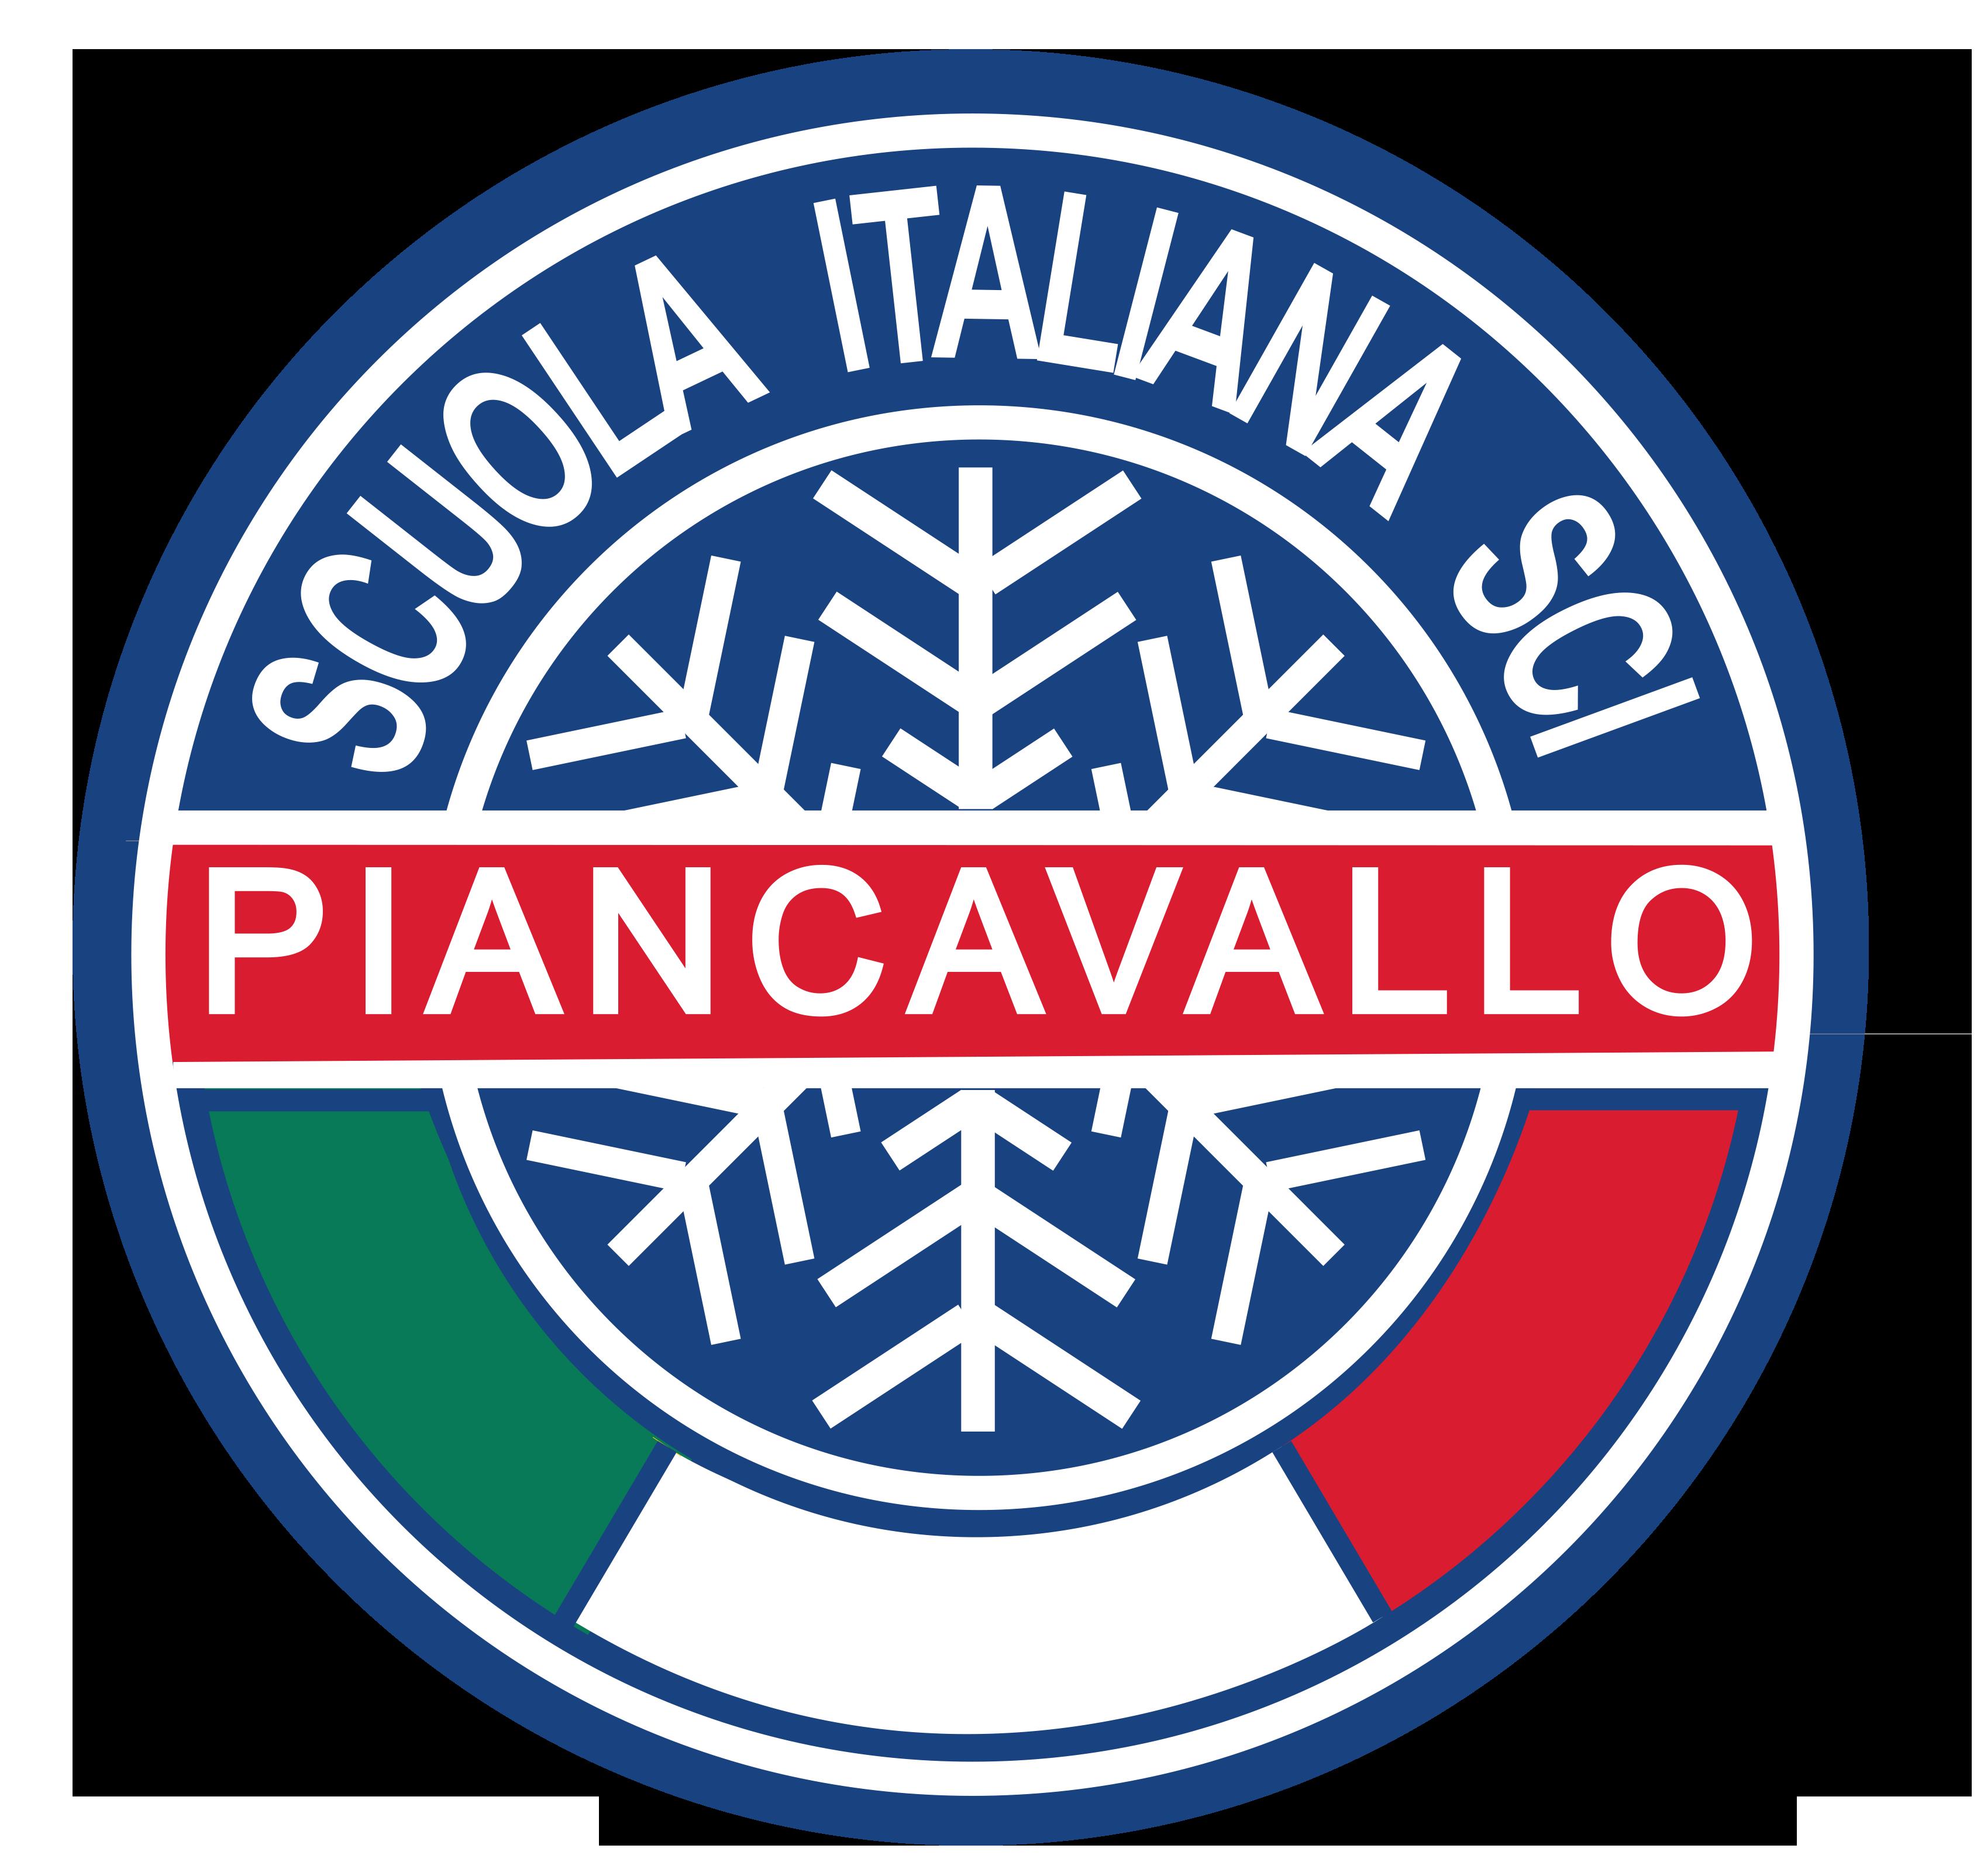 Scuola Italiana Sci Piancavallo